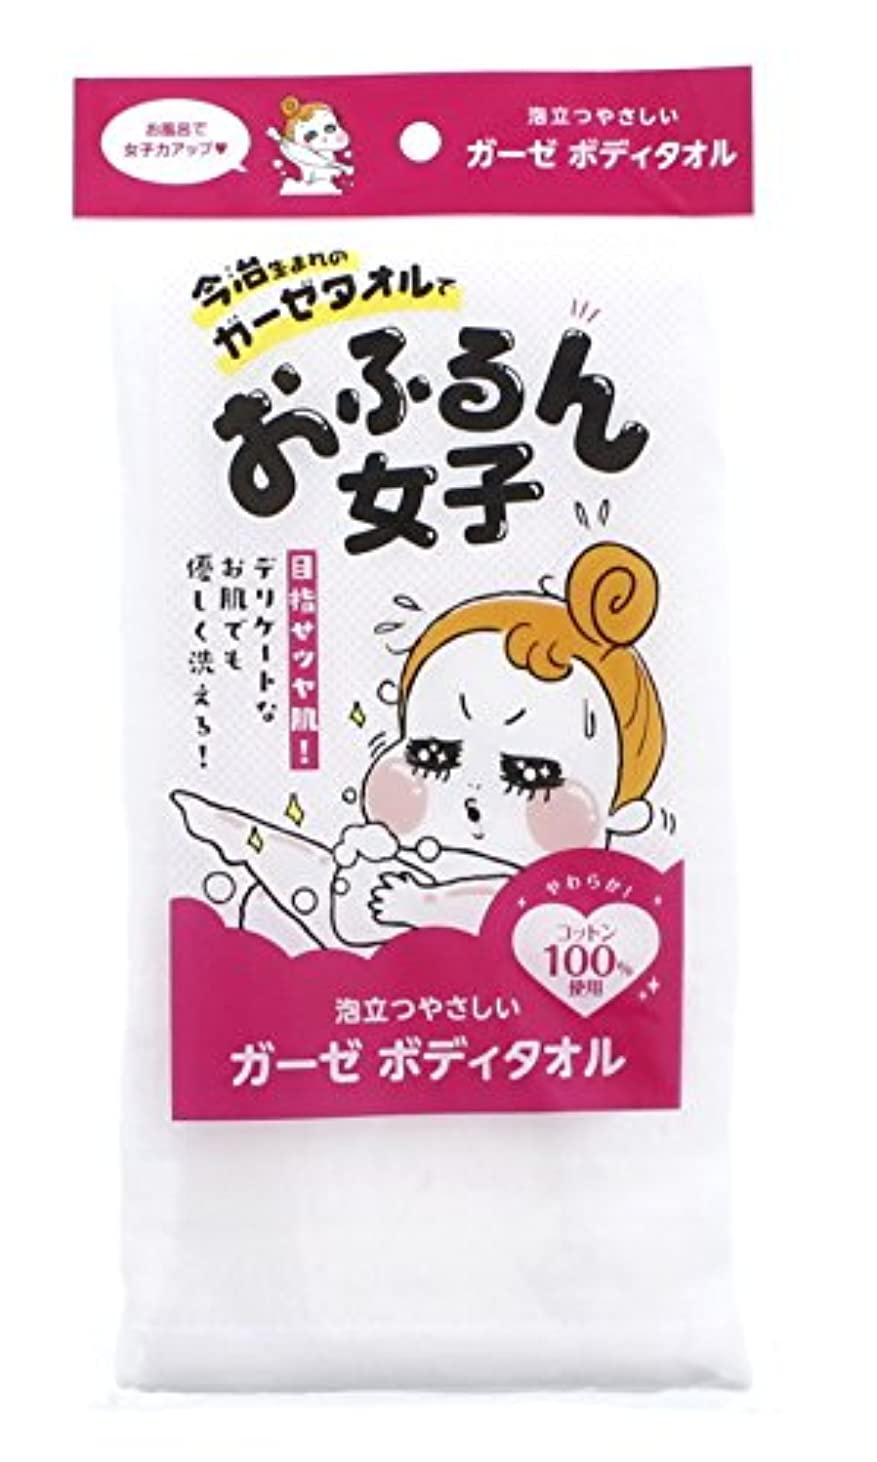 参加するプレフィックスシンク横田タオル ガーゼ ボディタオル ホワイト 約34×90cm おふるん女子 優しい泡立ち